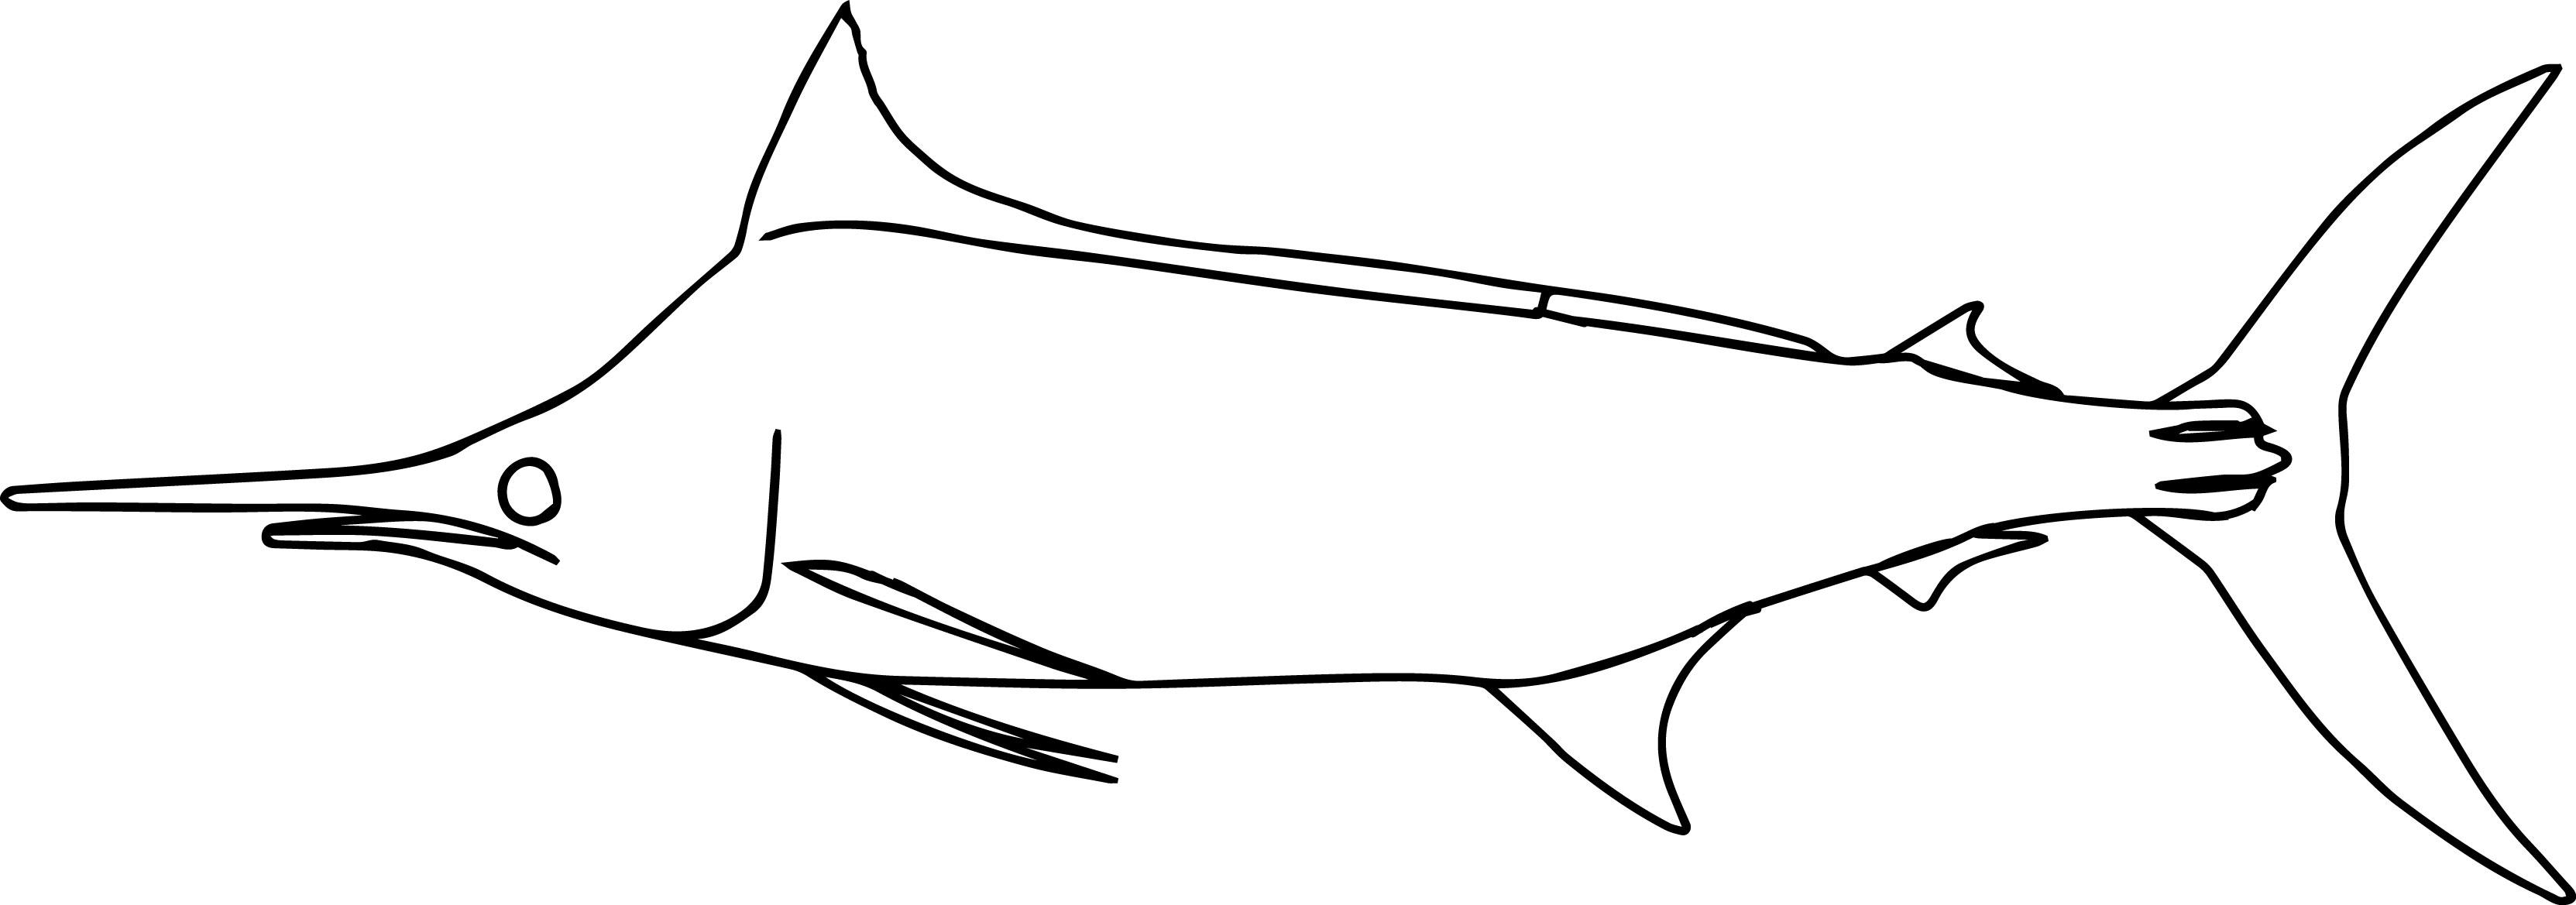 Buluemarlin0 Fish Coloring Page